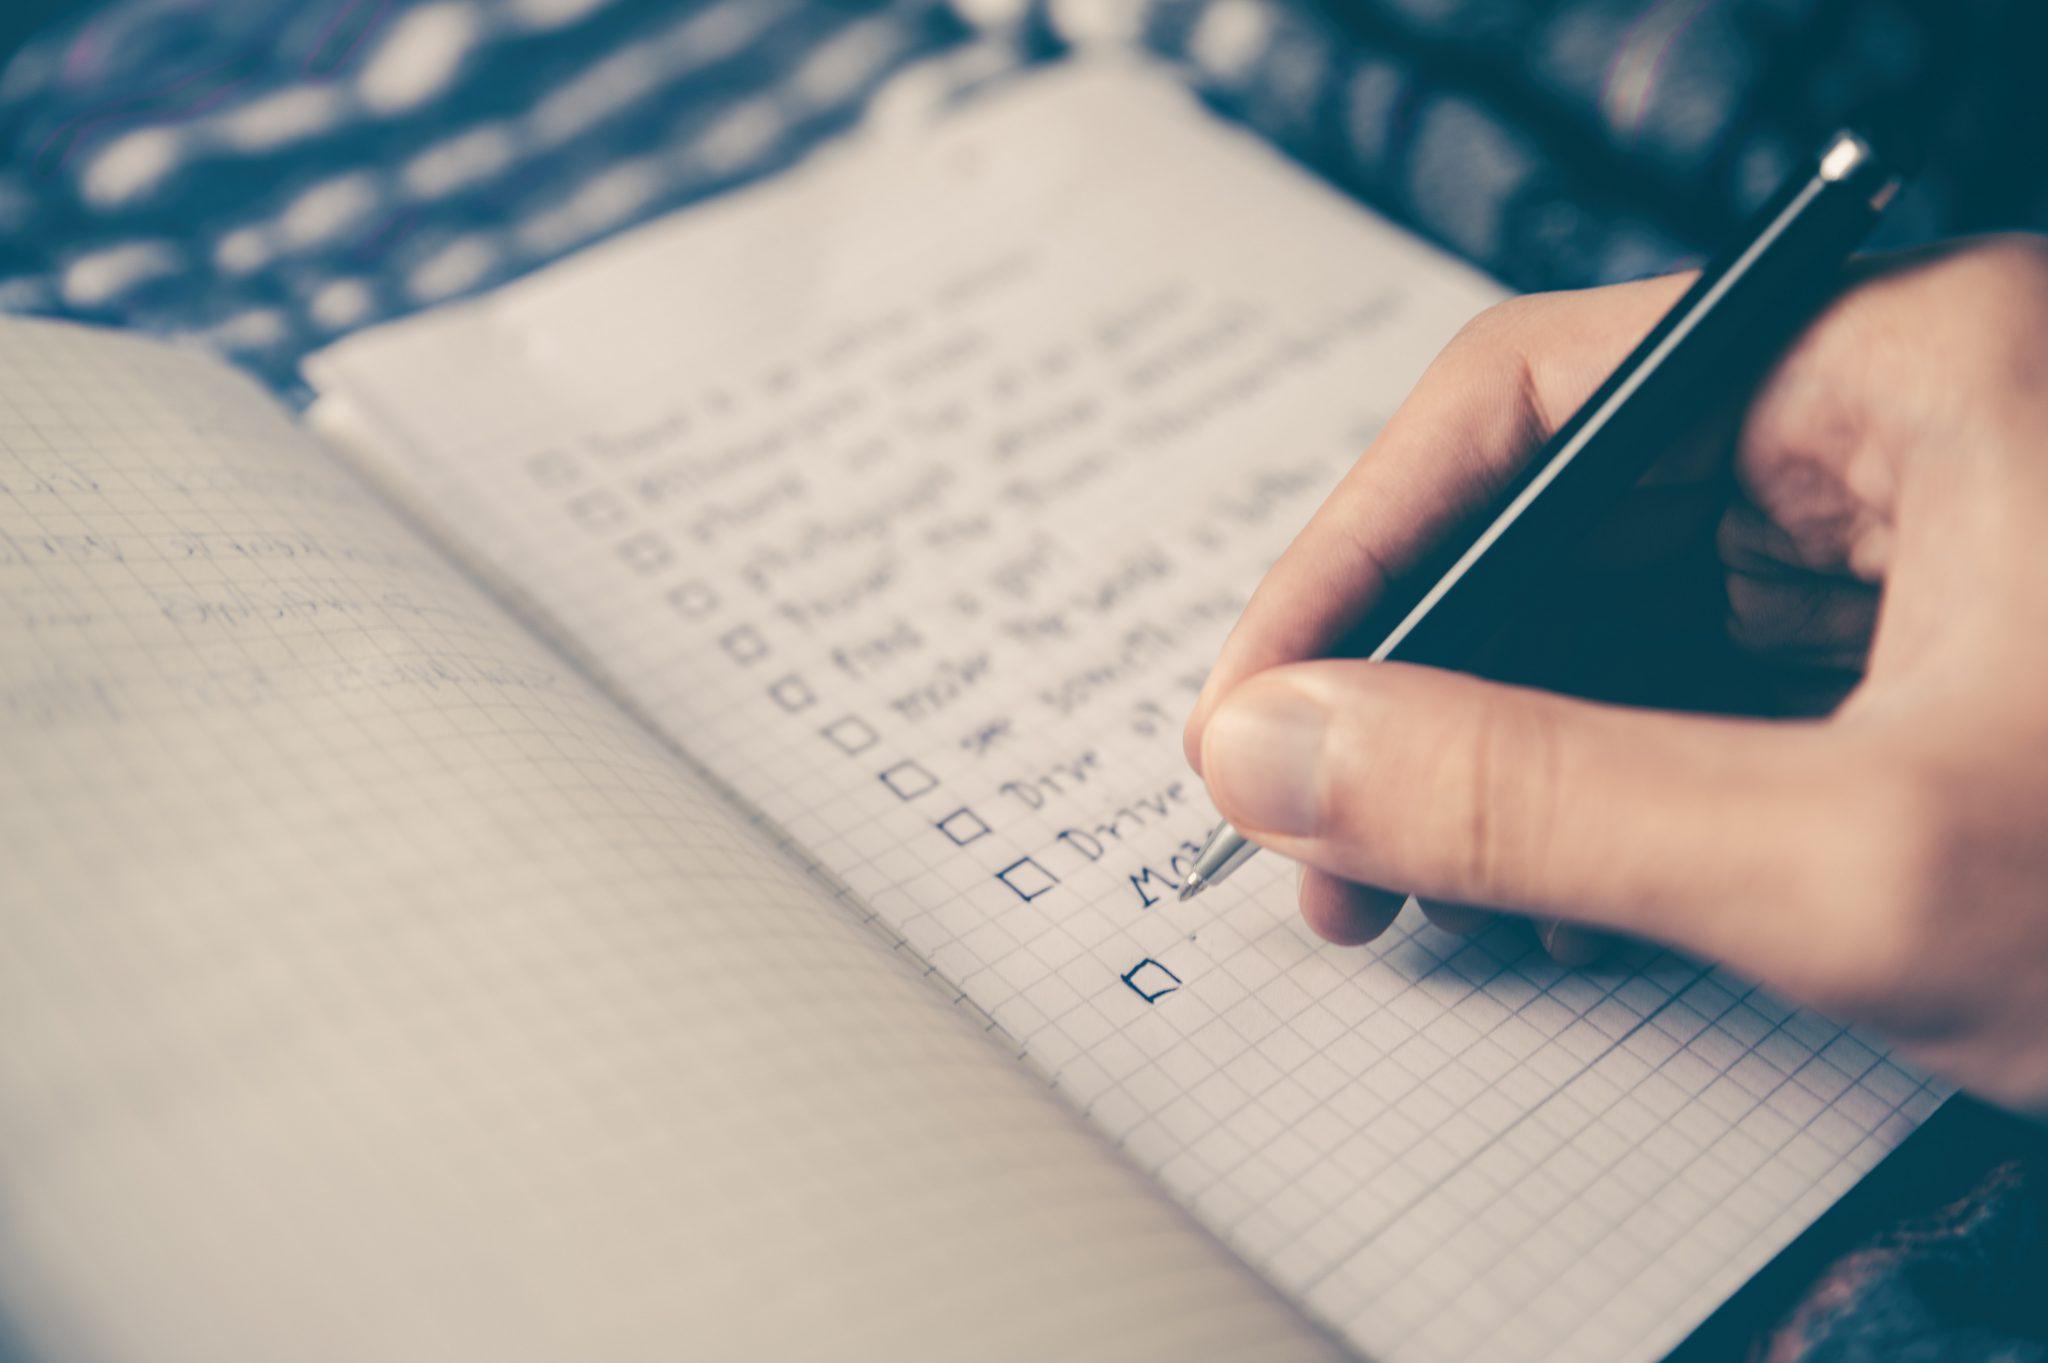 Checklist for Azure 70-533 Exam